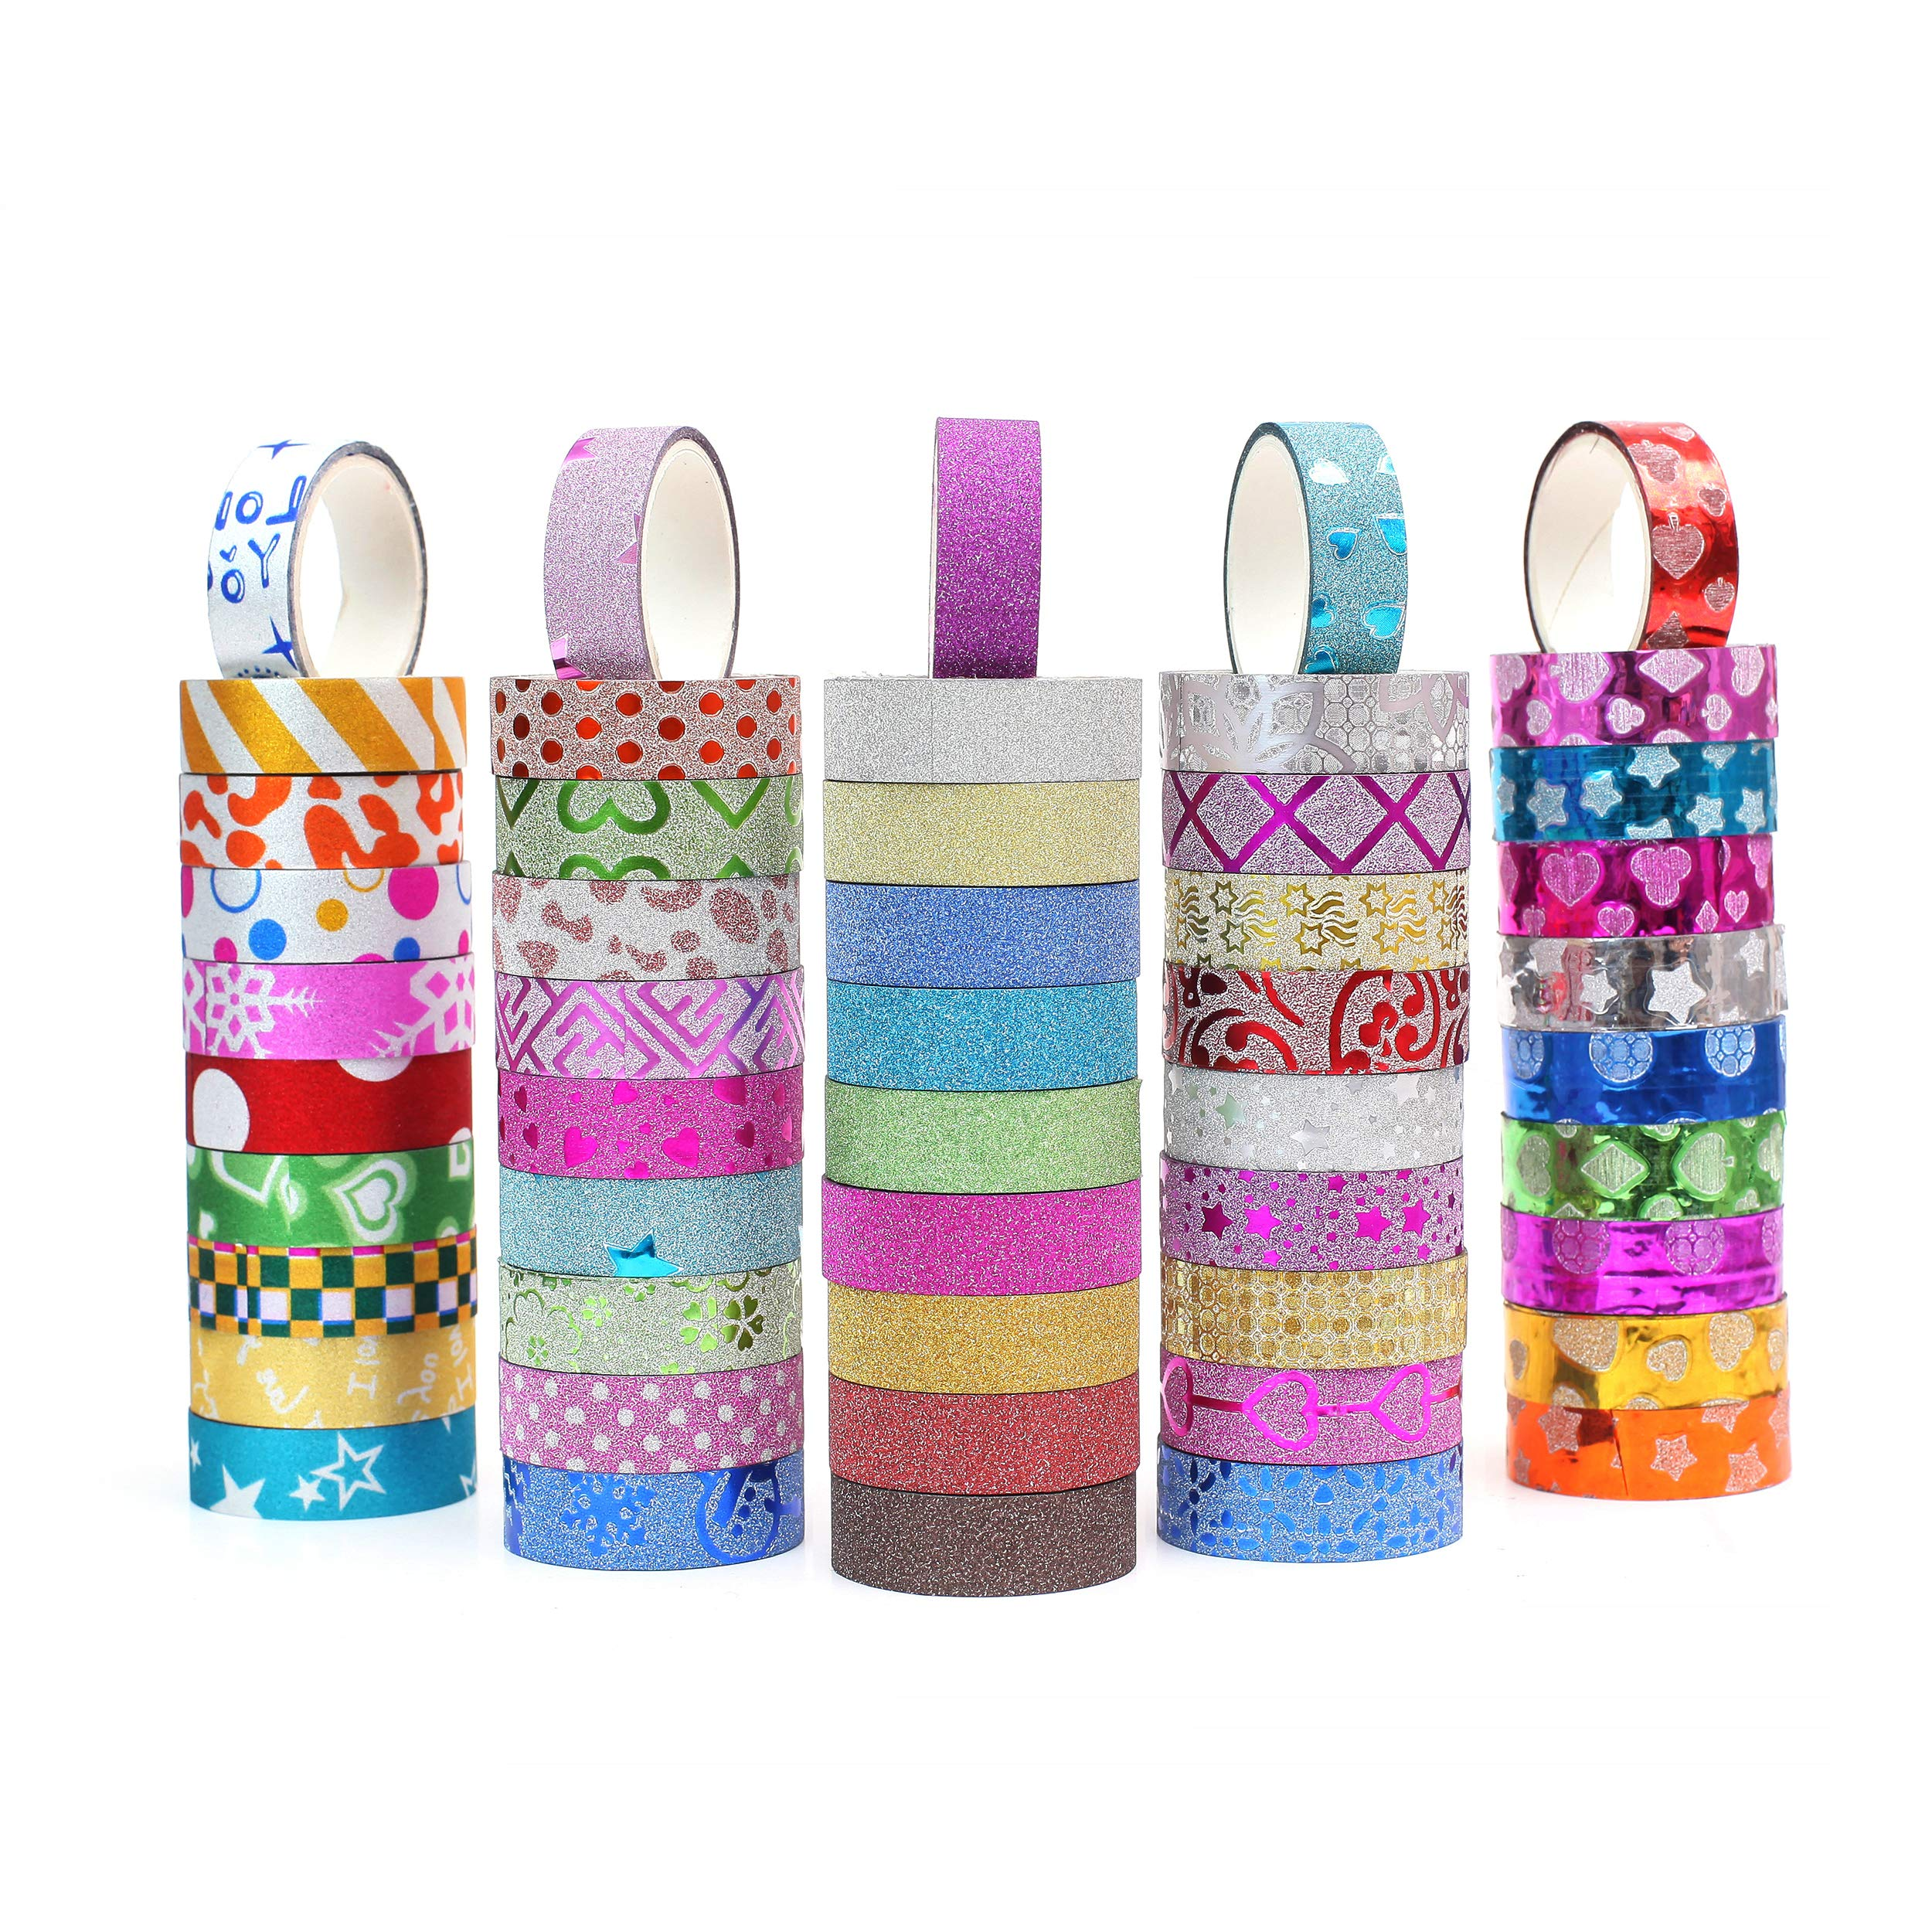 50 rolls cintas adhesivas con diseños (250cm largo)